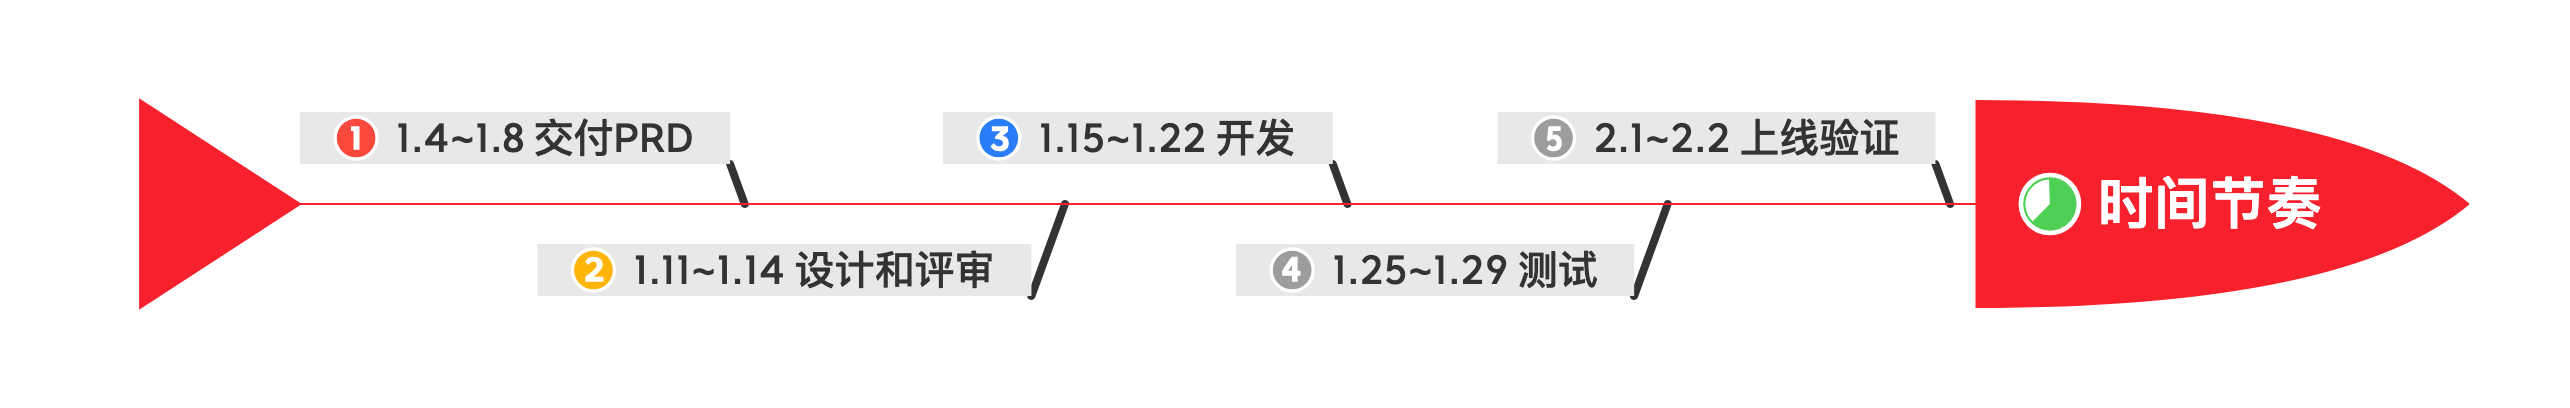 图 18-2 定义时间节奏